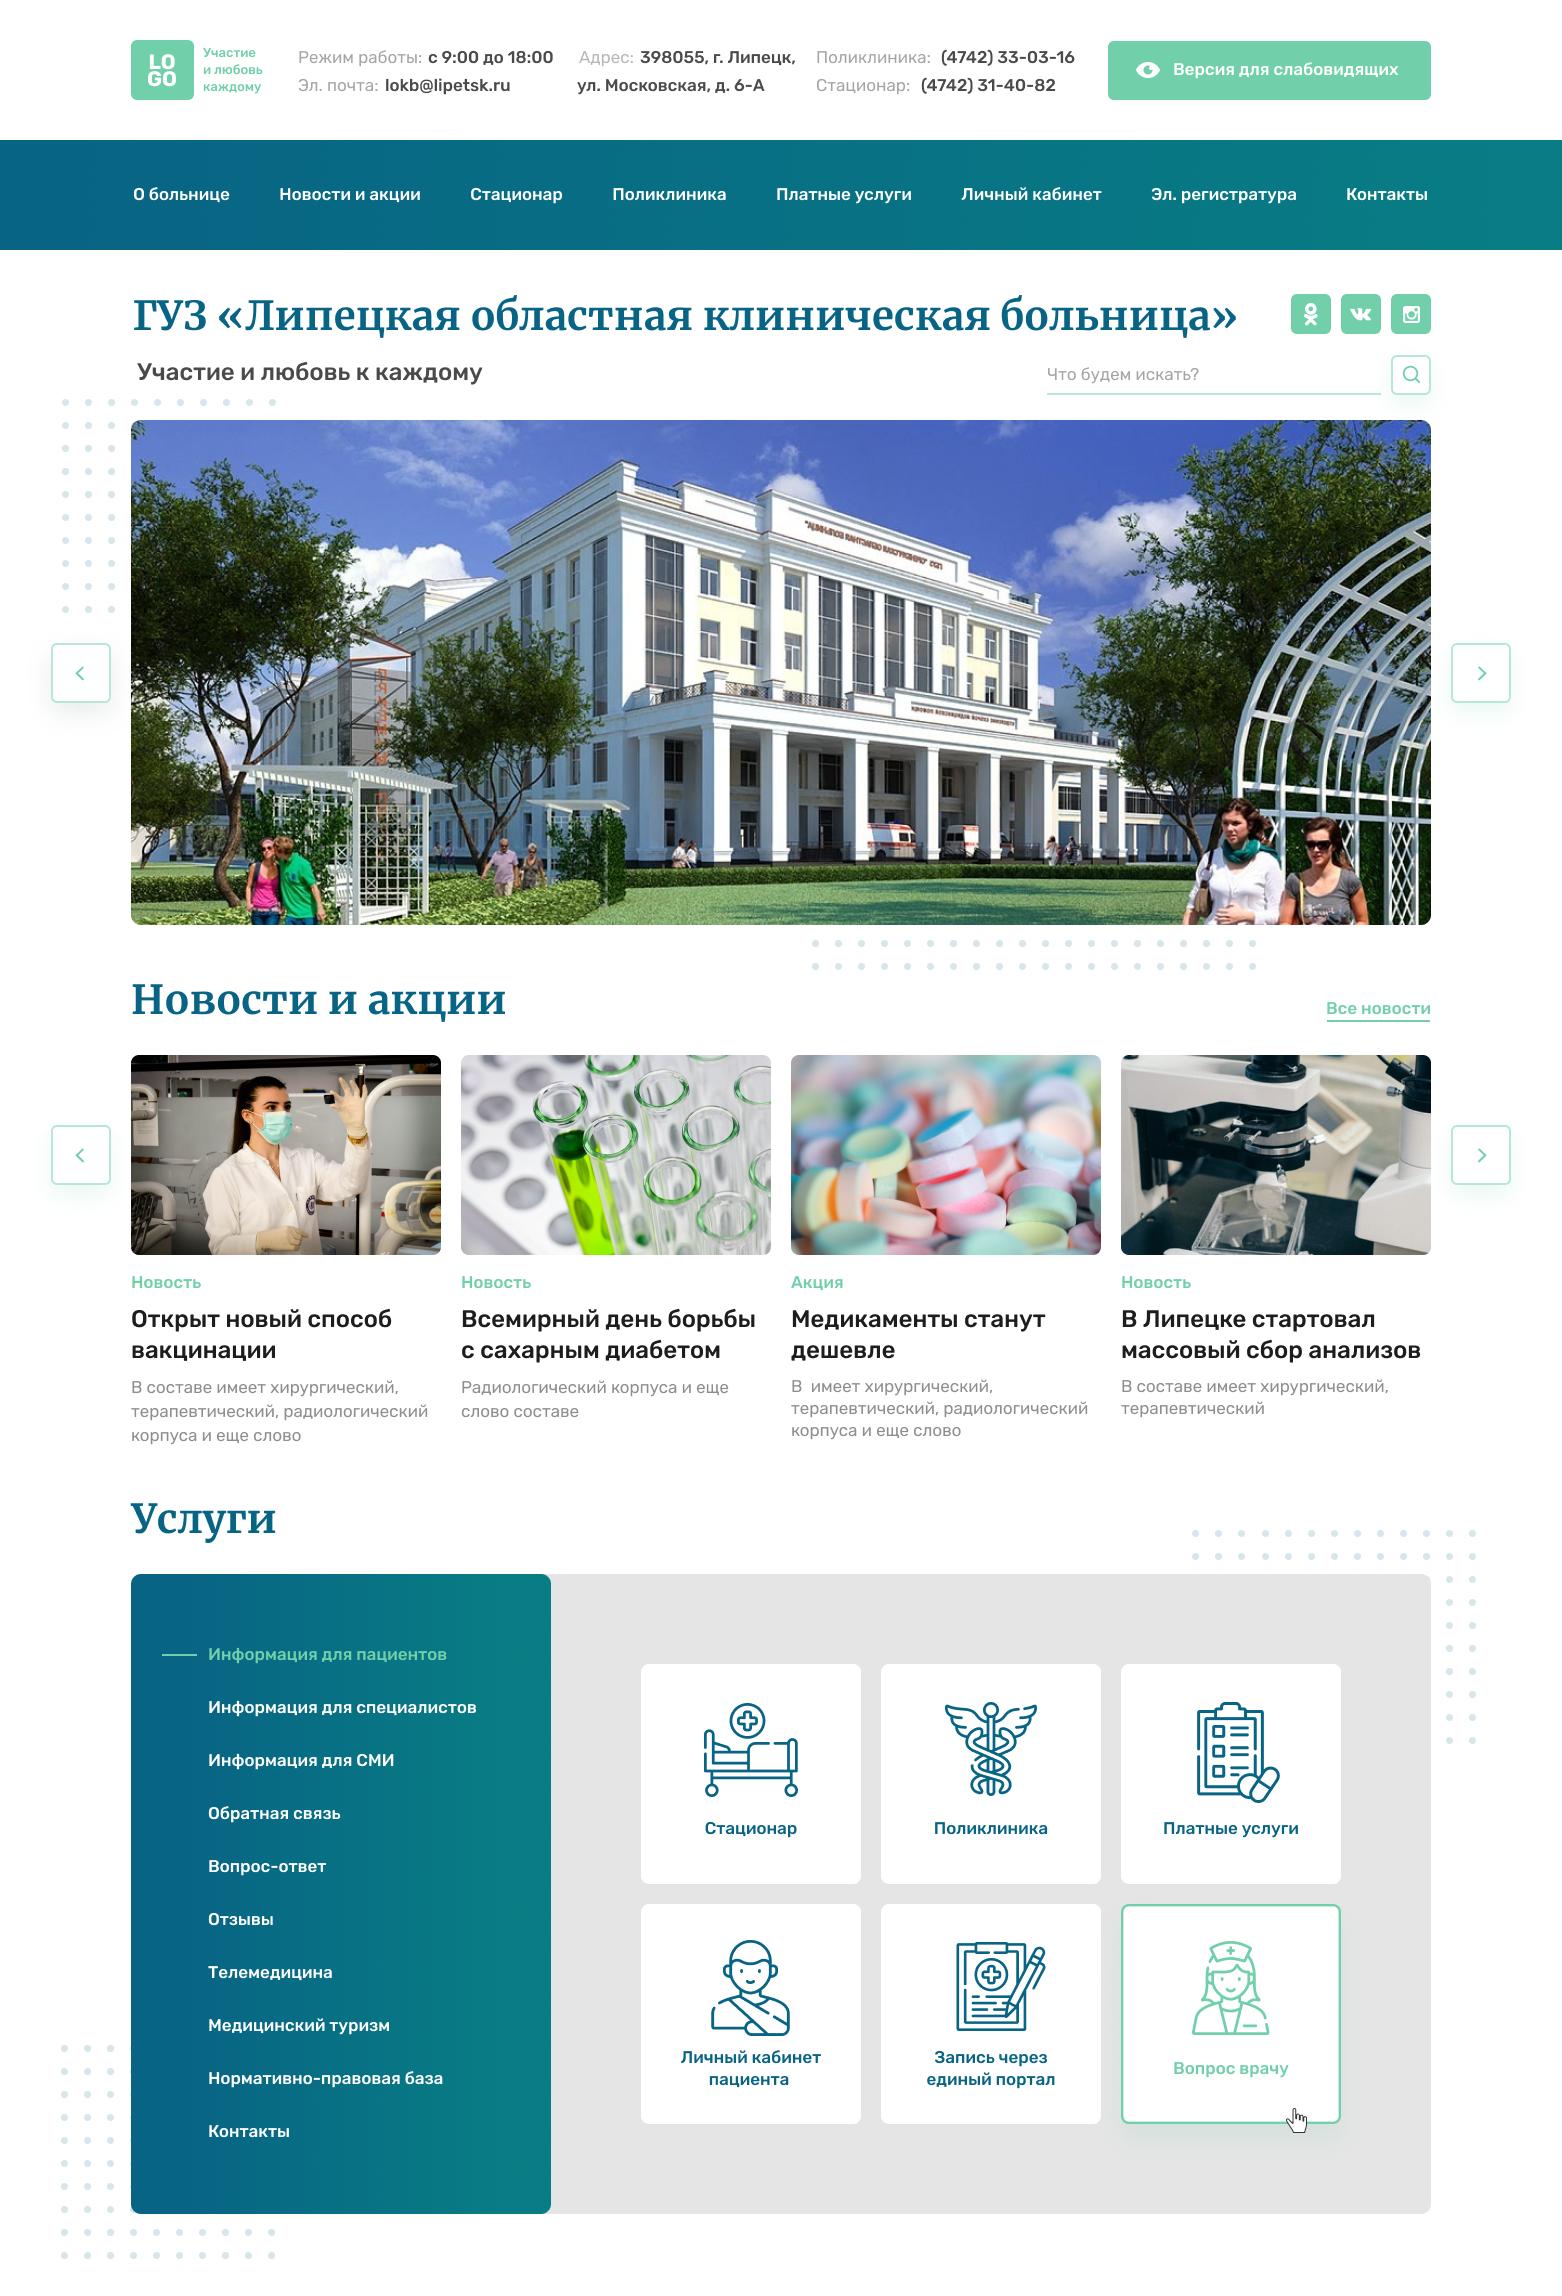 Дизайн для сайта больницы. Главная страница + 2 внутренних. фото f_8115fb566f39e03d.png